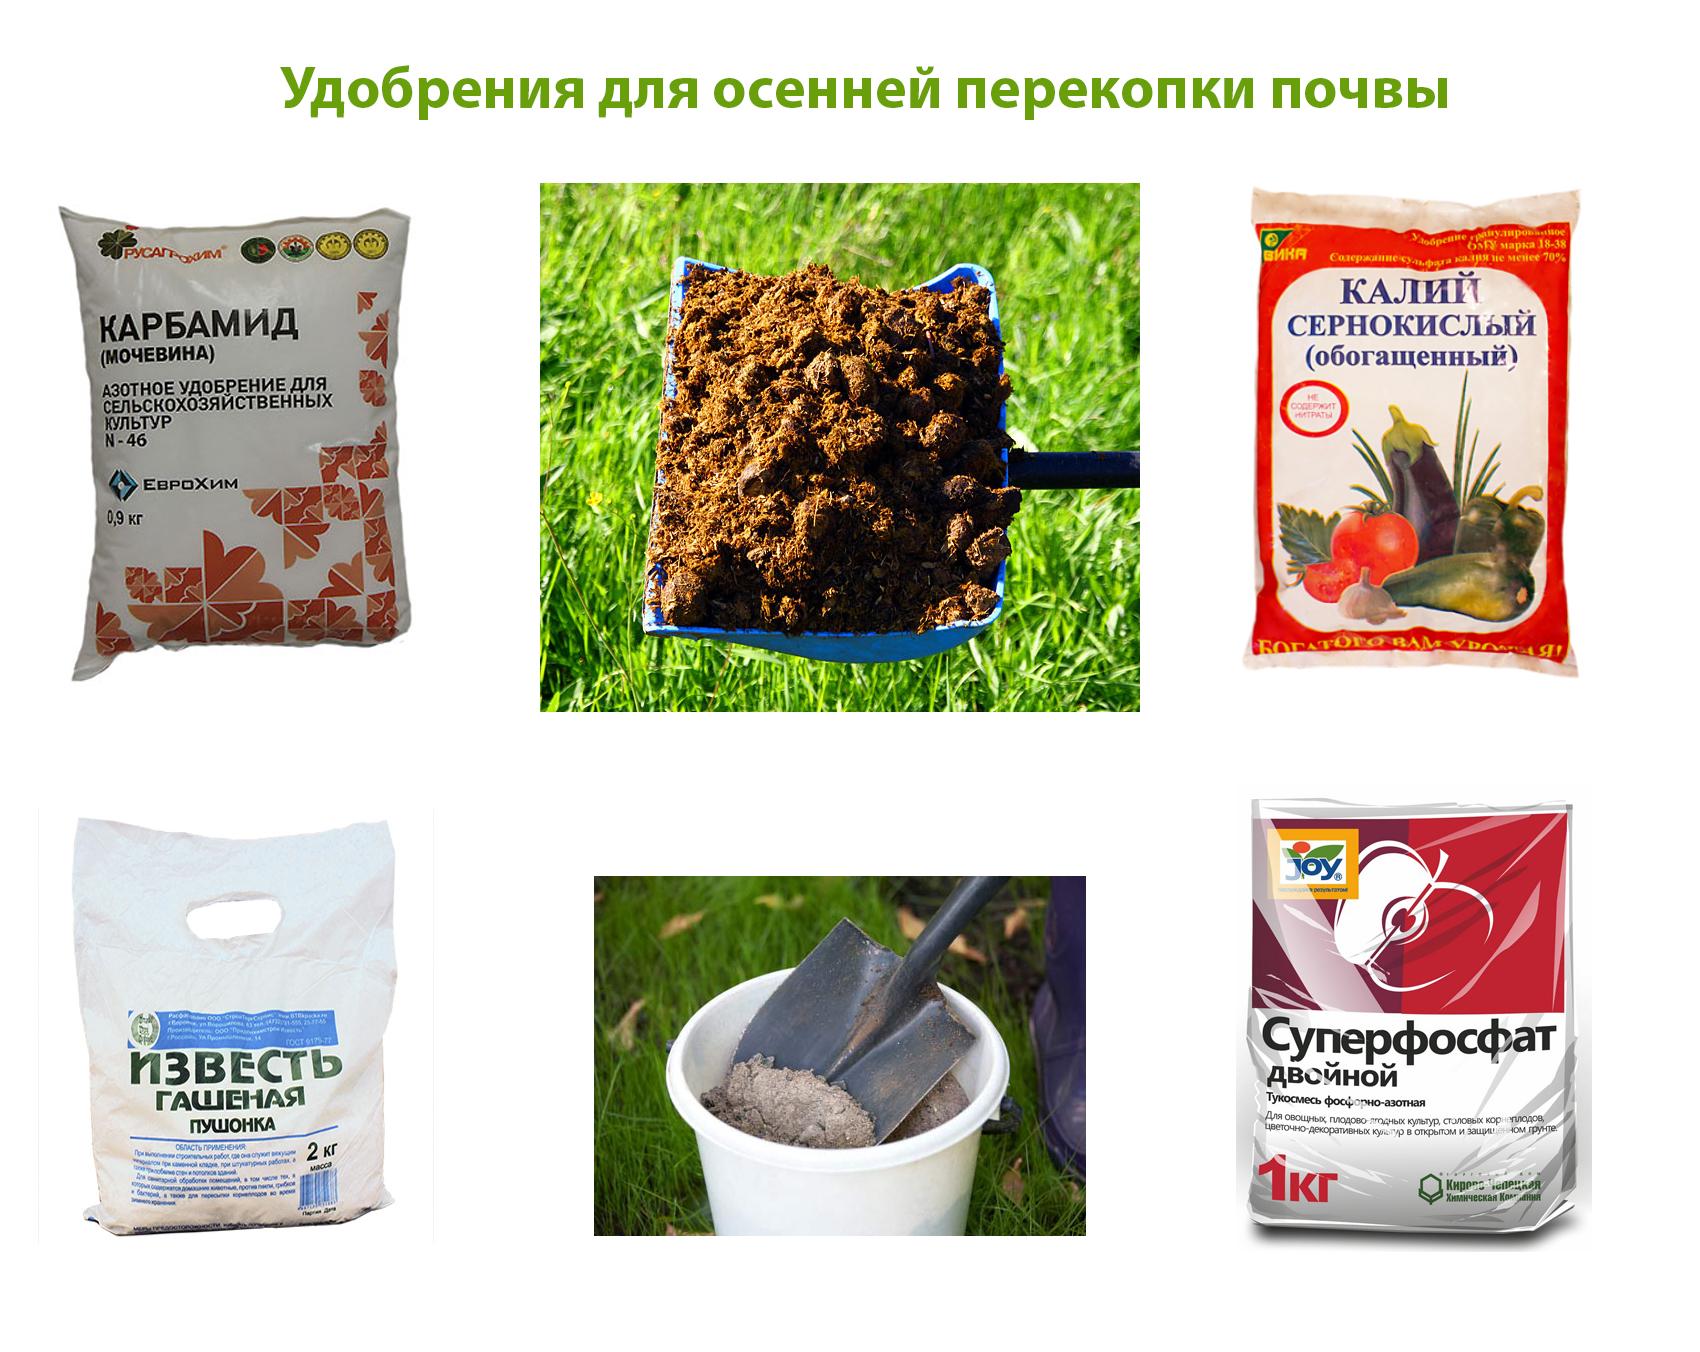 Удобрения для осенней перекопки почвы в огороде